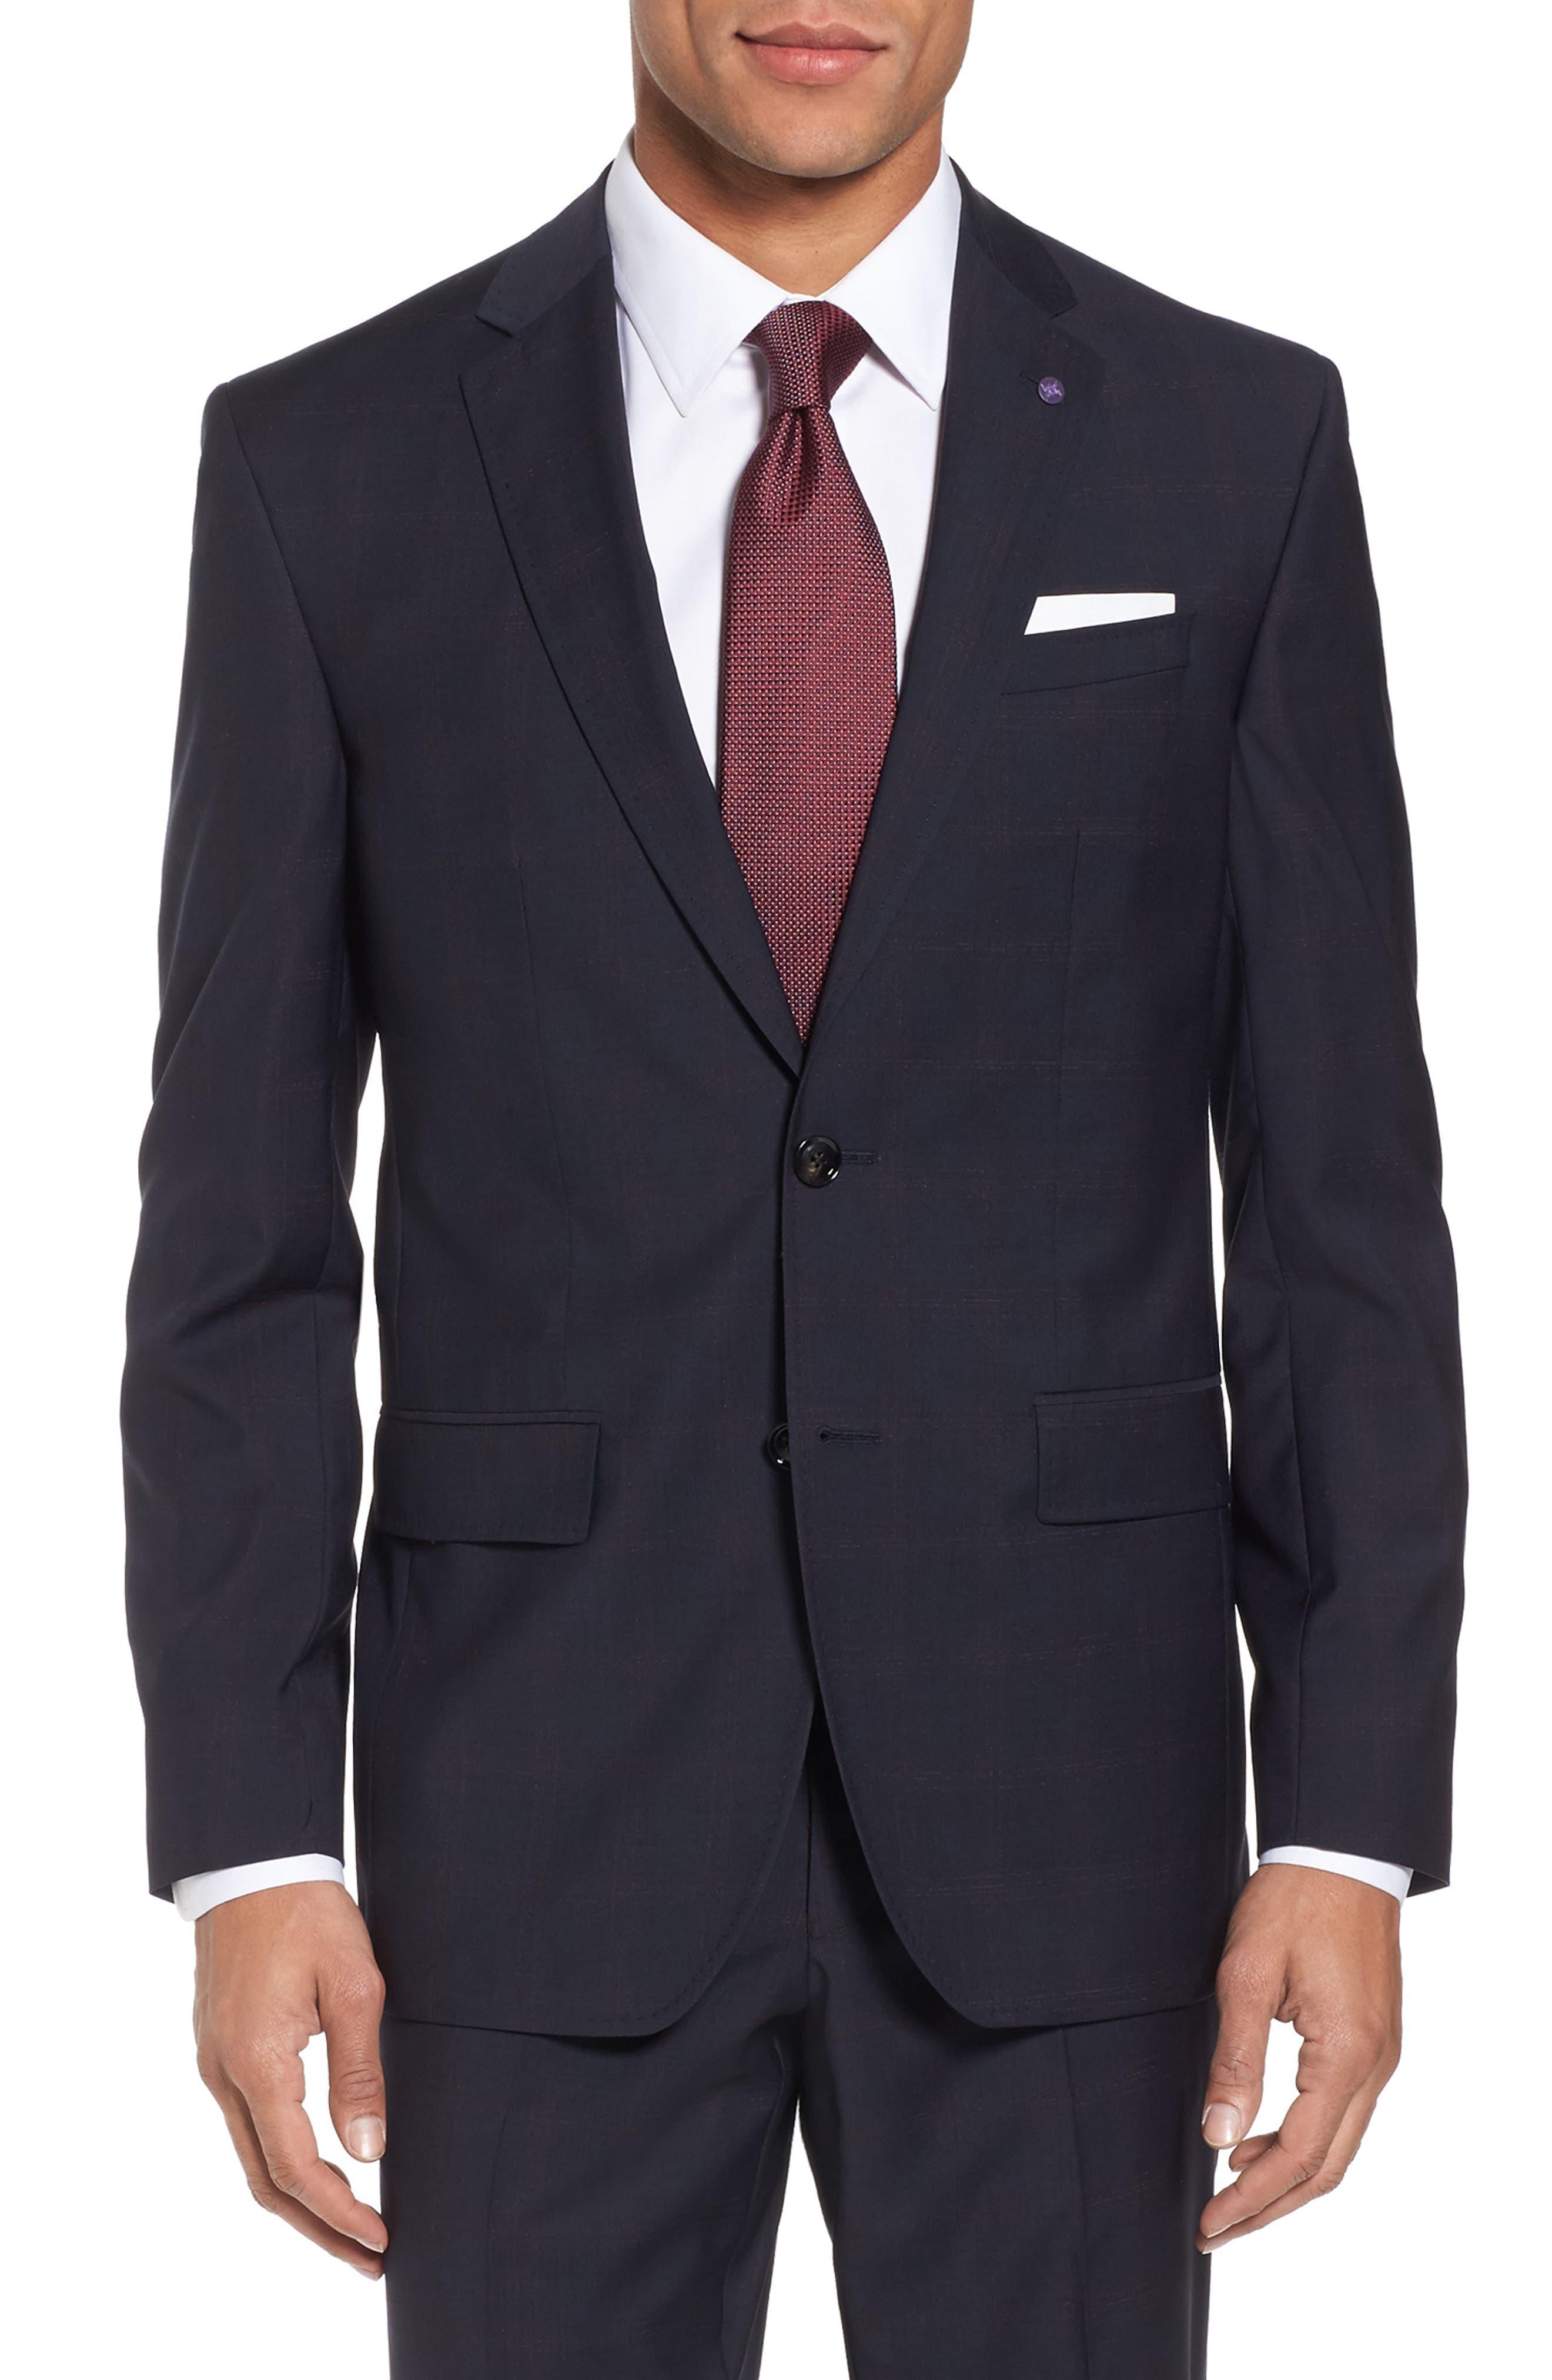 Jay Trim Fit Plaid Wool Suit,                             Alternate thumbnail 5, color,                             001